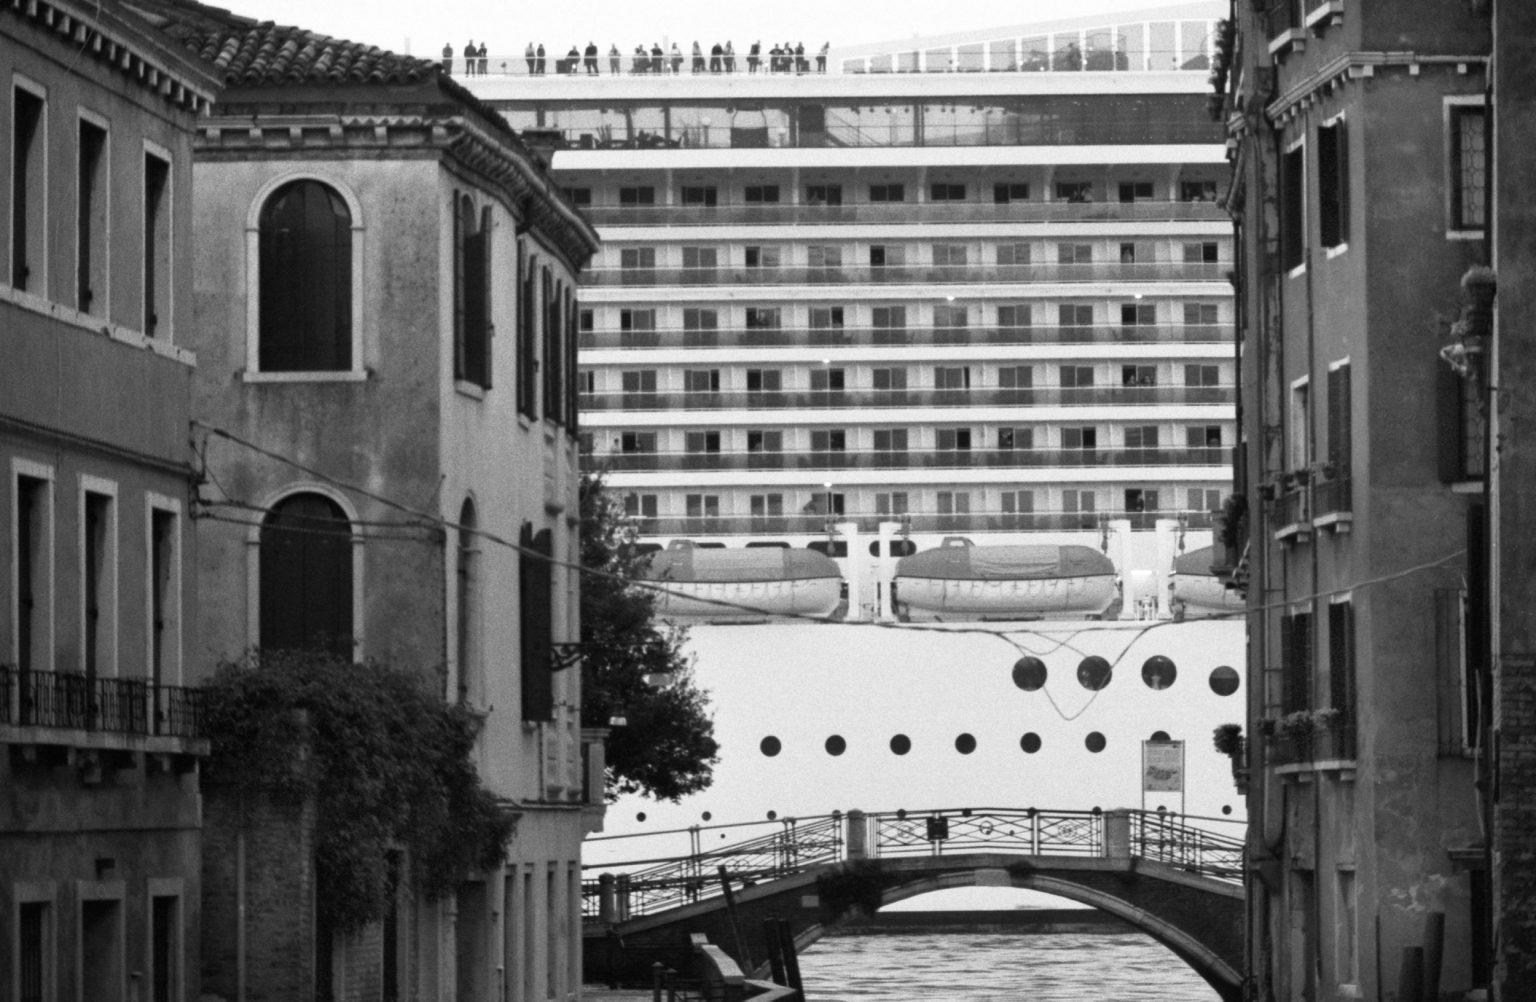 """Venice, April 2013 - Big cruise liners invade the city ><  Venezia, aprile 2013 - Le grandi navi da crociera invadono la città <p><span style=""""color: #ff0000""""><strong>*** SPECIAL   FEE   APPLIES ***</strong></span></p>*** SPECIAL   FEE   APPLIES *** *** Local Caption *** 00473491"""